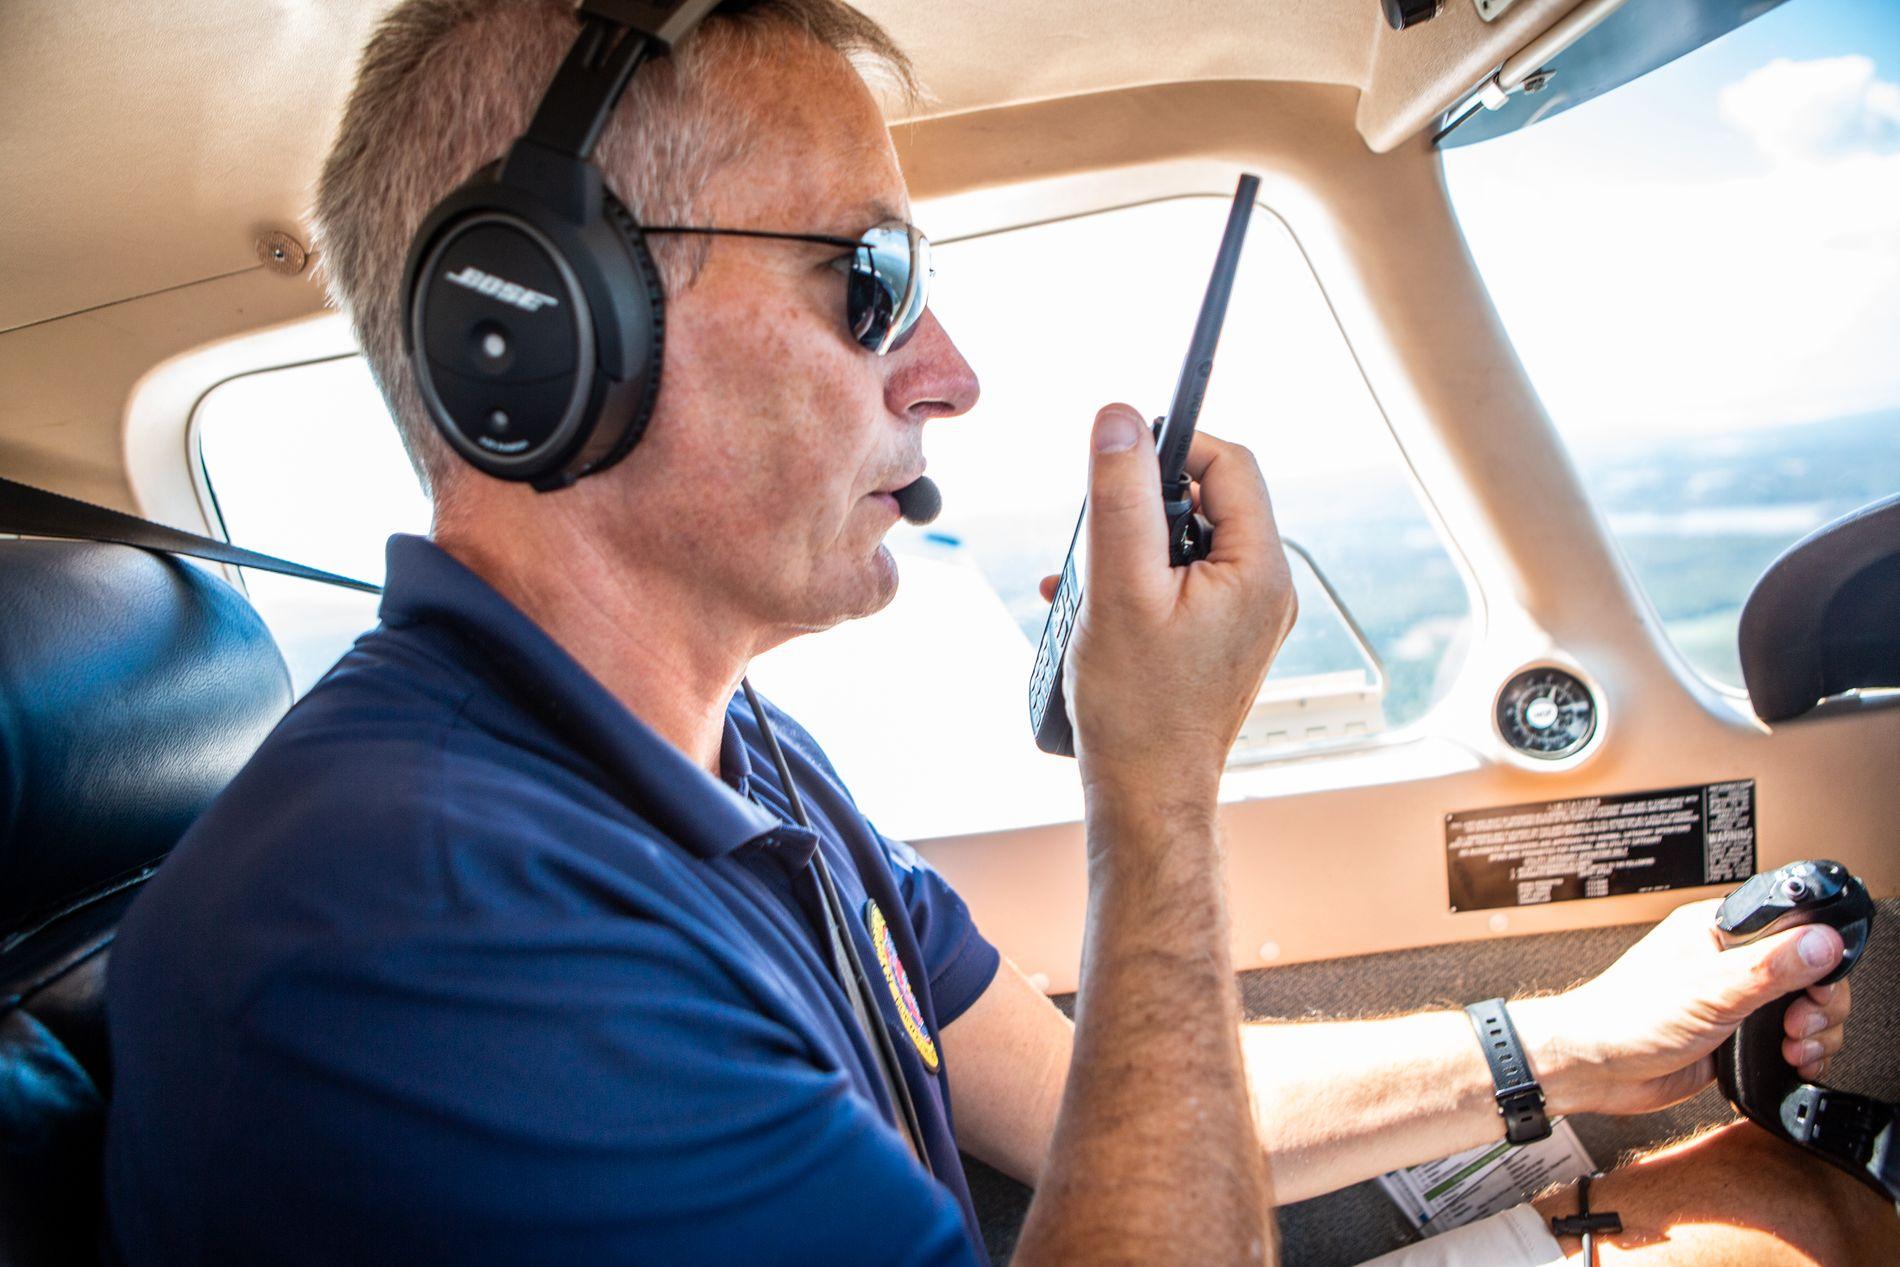 BISTÅR BRANNVESENET: Anders Ellefsen er en av de 15 pilotene i Rygge Flyklubb som er klarert brannpiloter